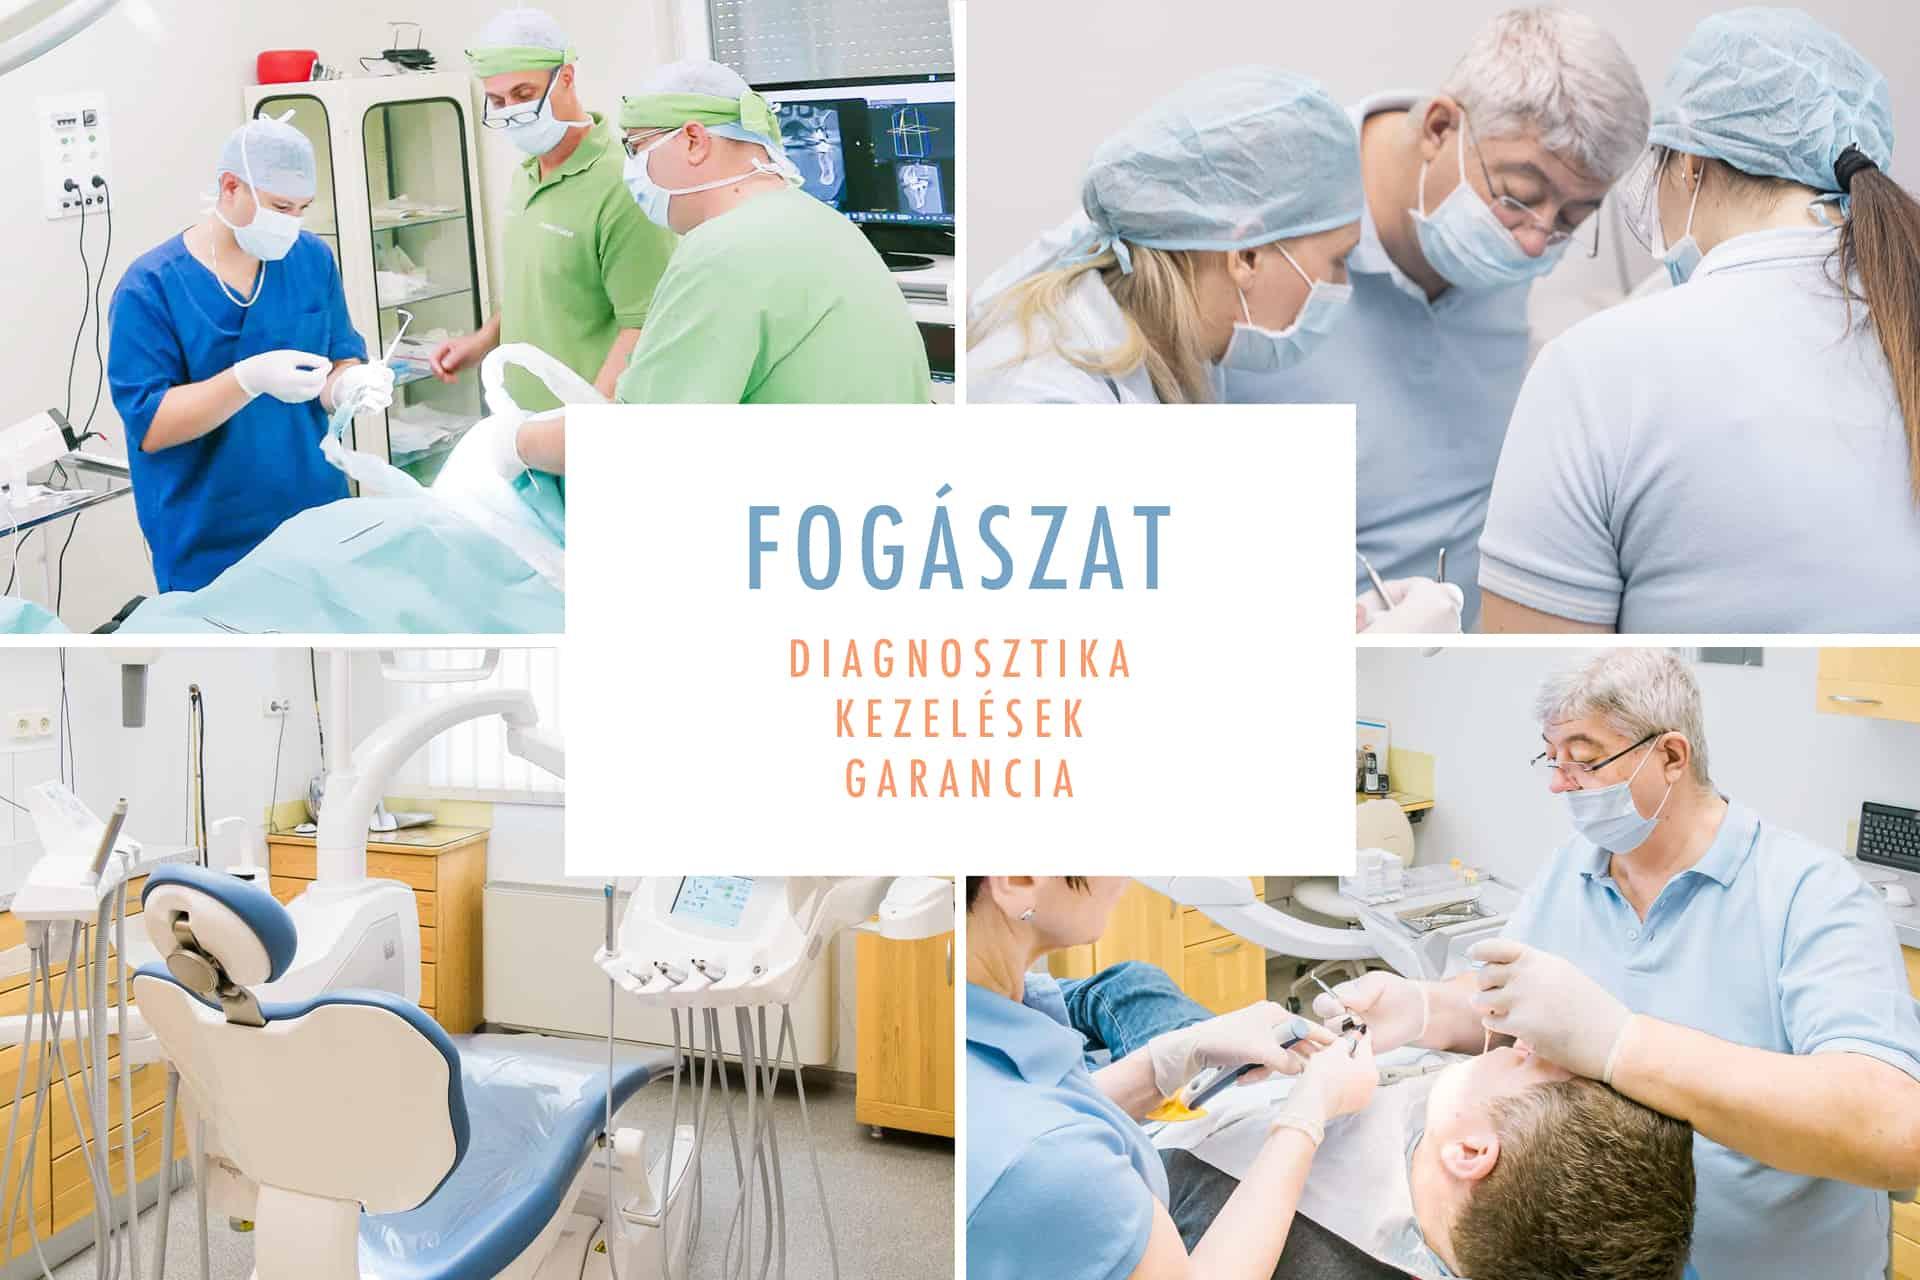 Fogászat - Hévíz Medicina Praxis - Dr.Riedling Zsolt fogszakorvos